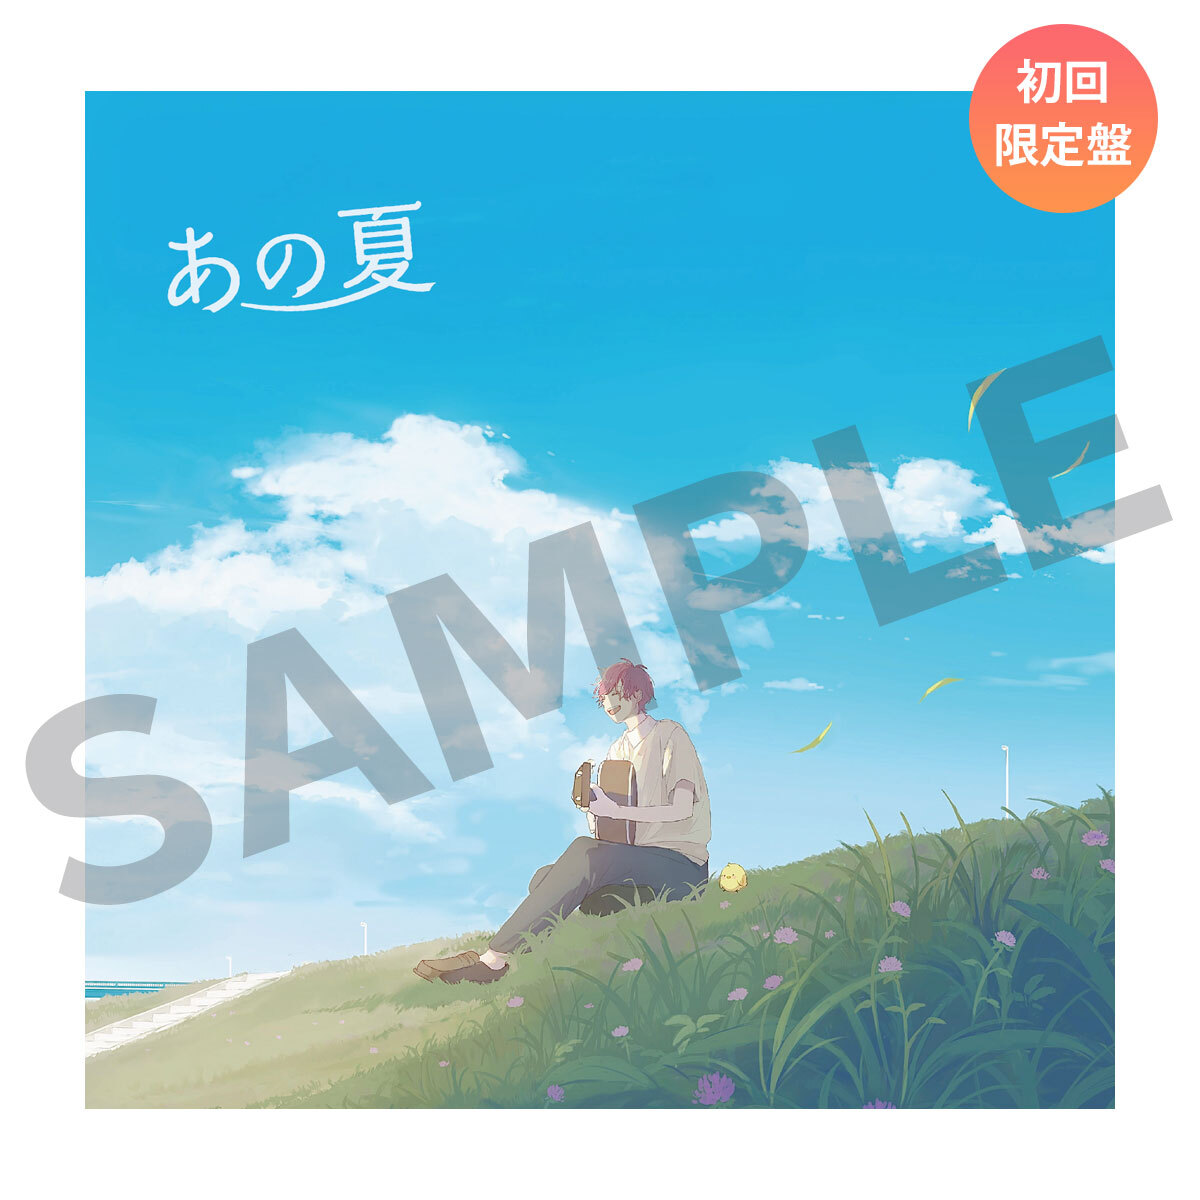 ちょこらび ふぇにくろ1stアルバム「あの夏」初回限定盤